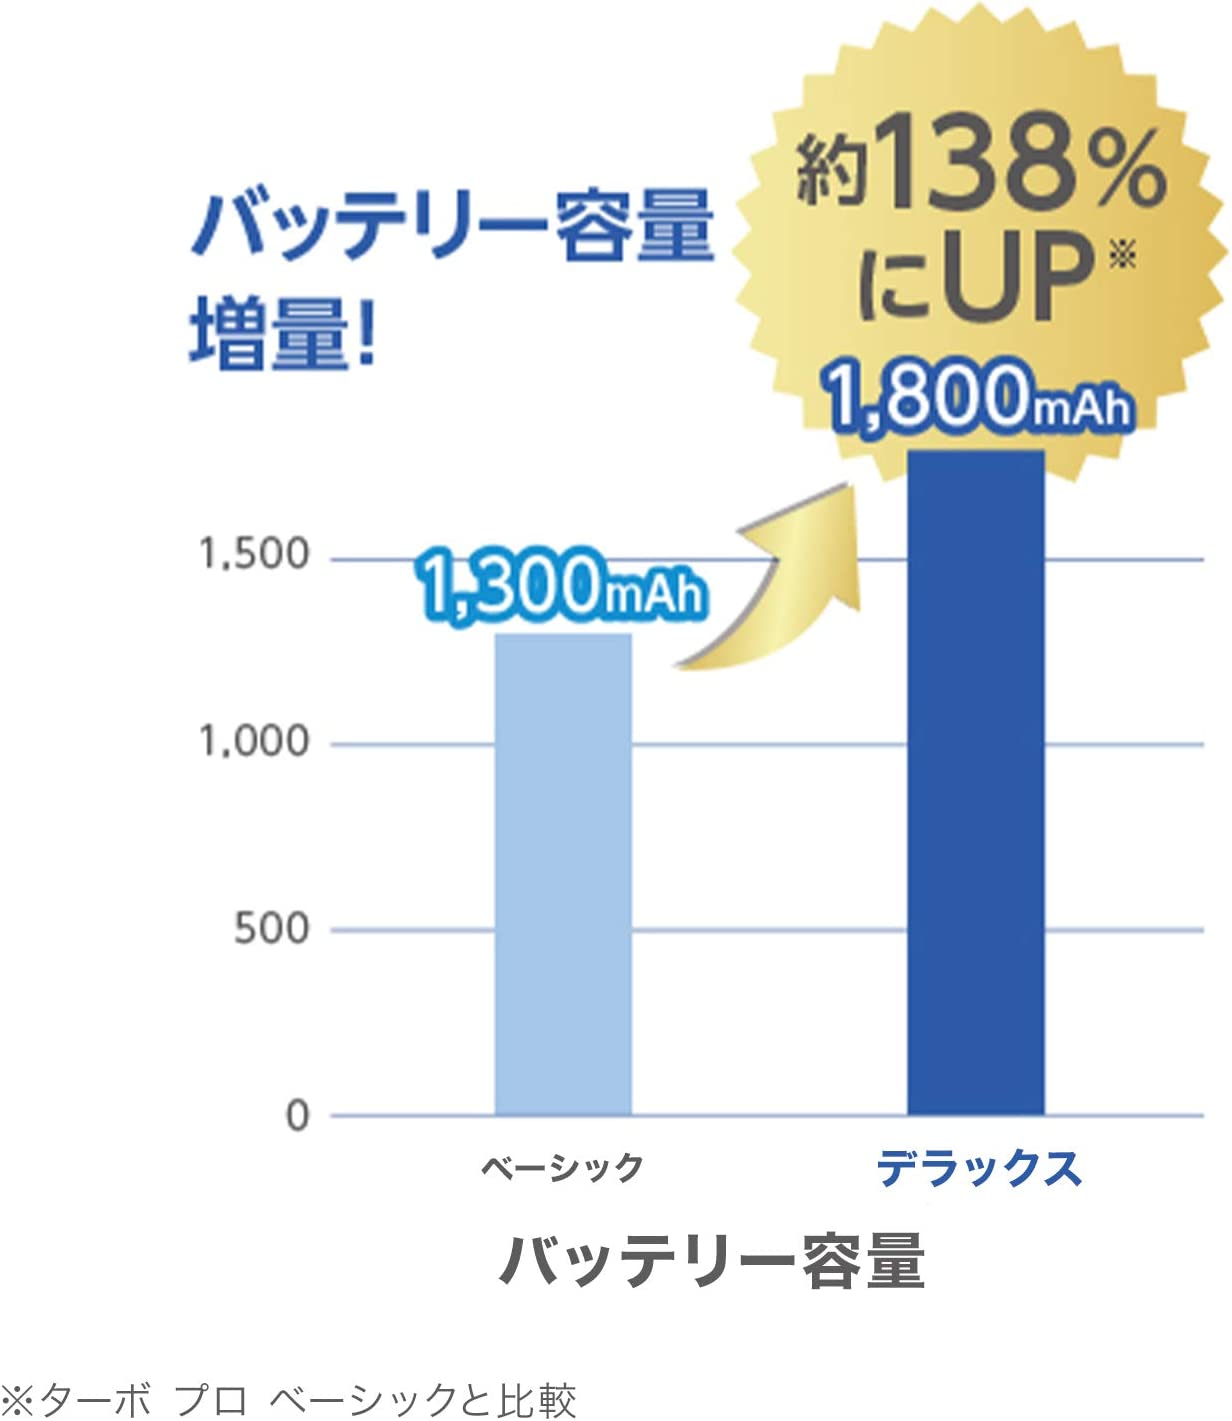 ジャパン ターボプロ ショップ ターボプロお風呂掃除に2年間活用した口コミ